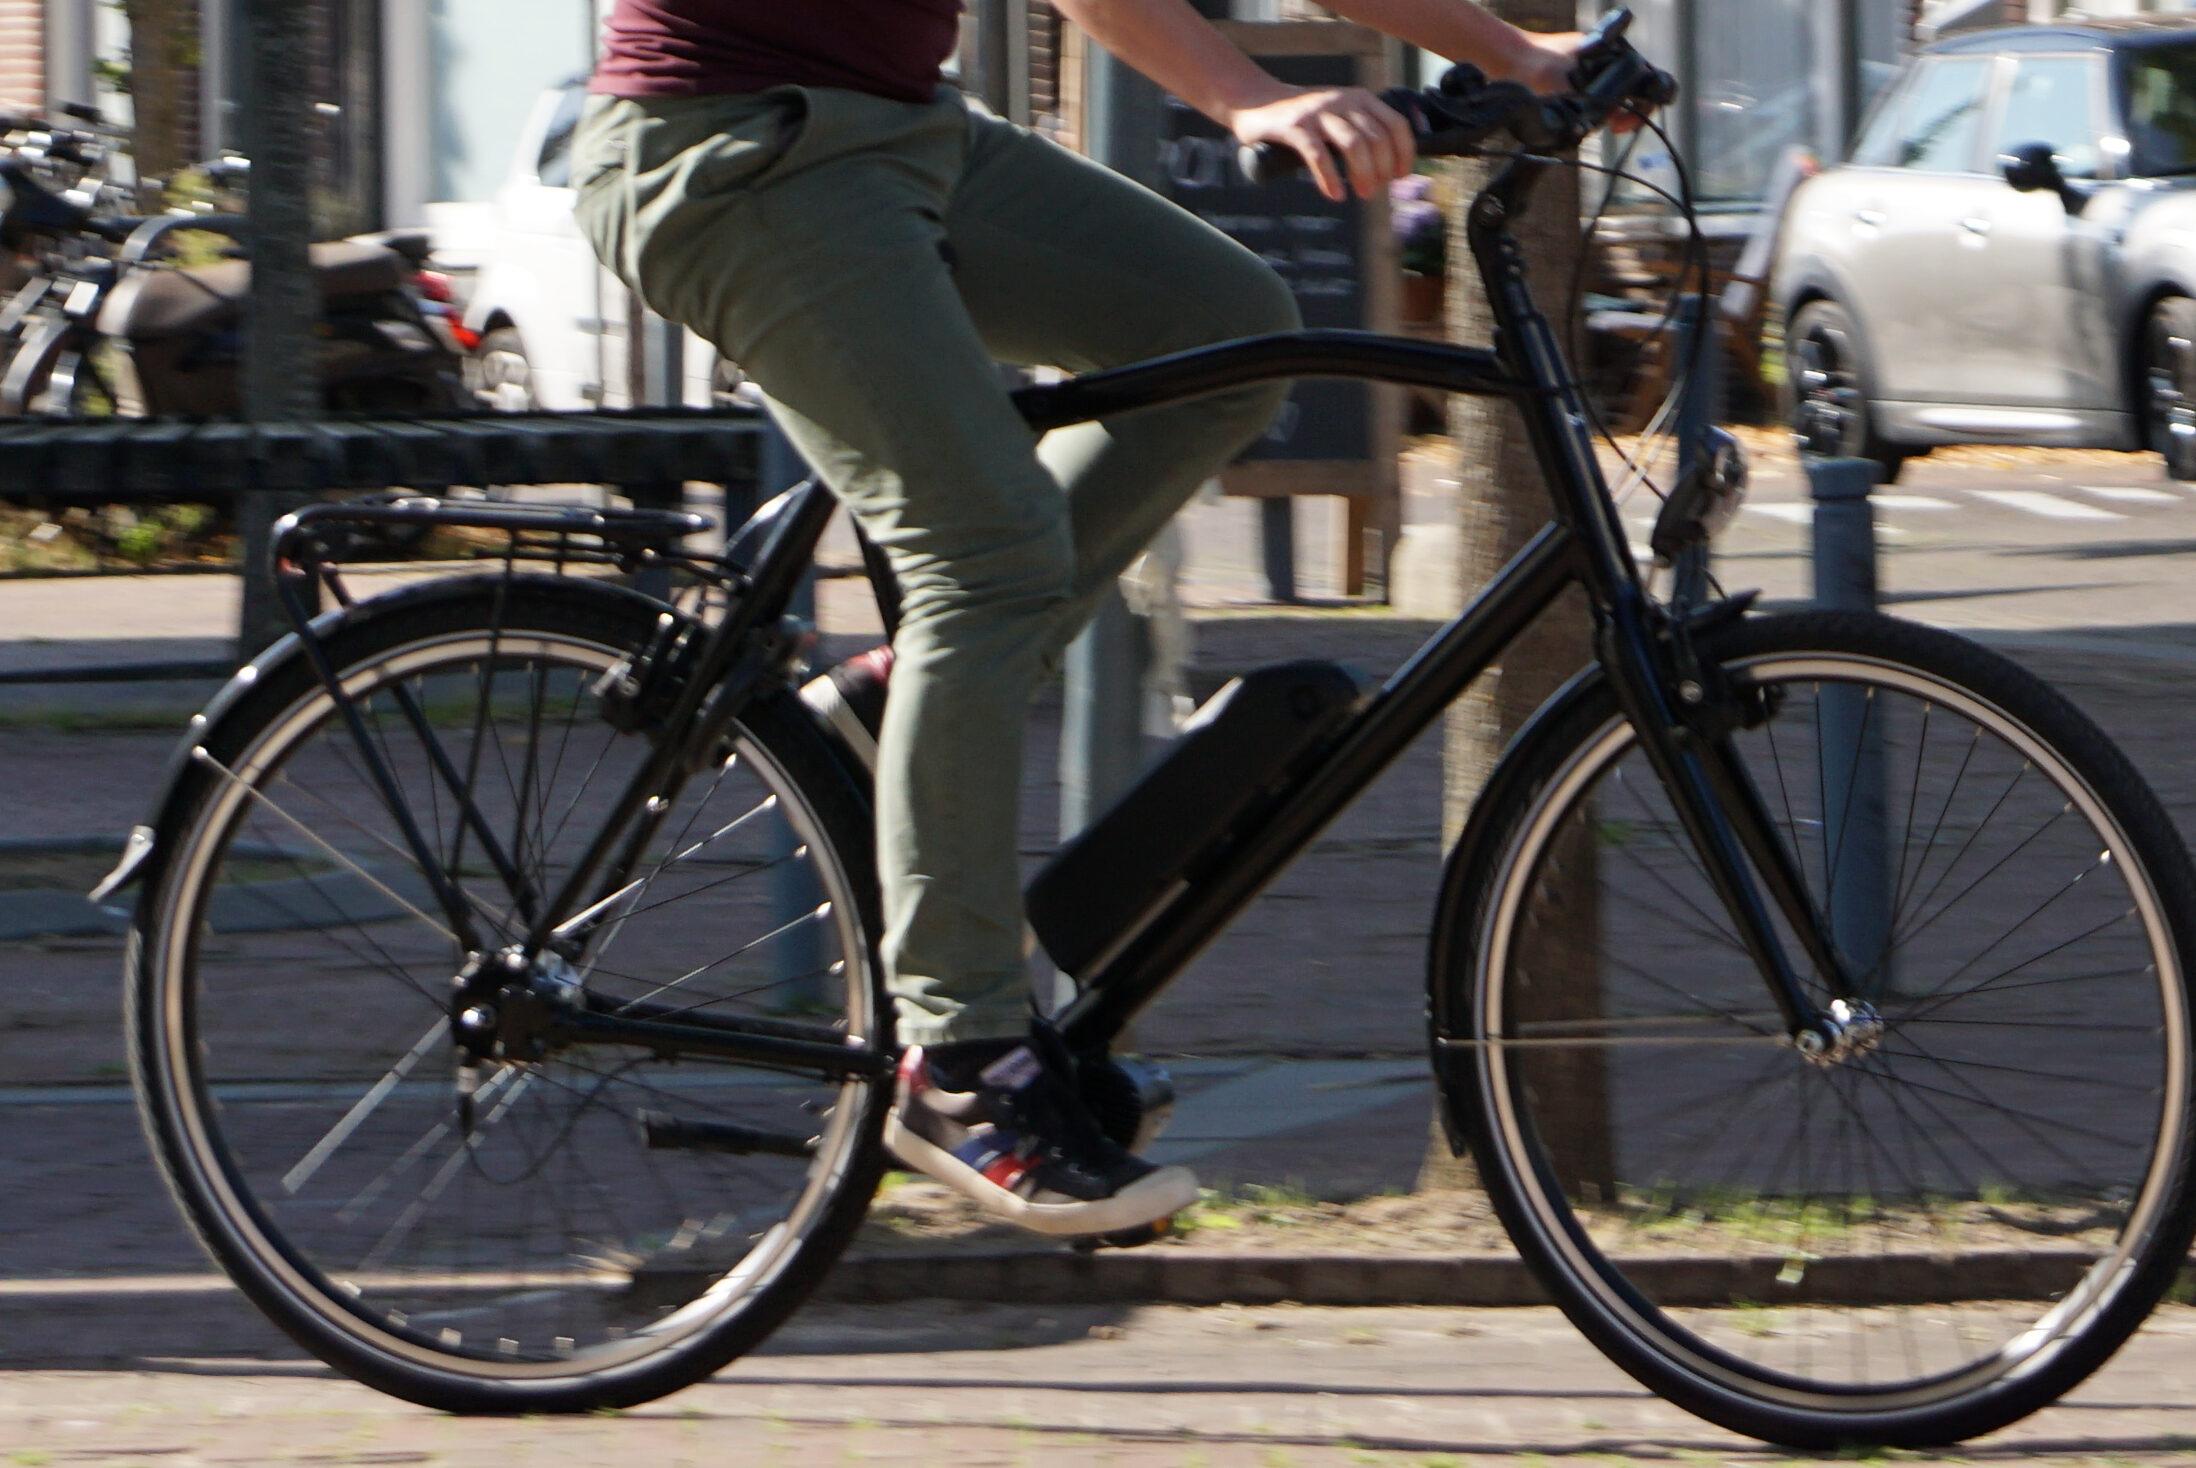 op een elektrische fiets rij je veilig